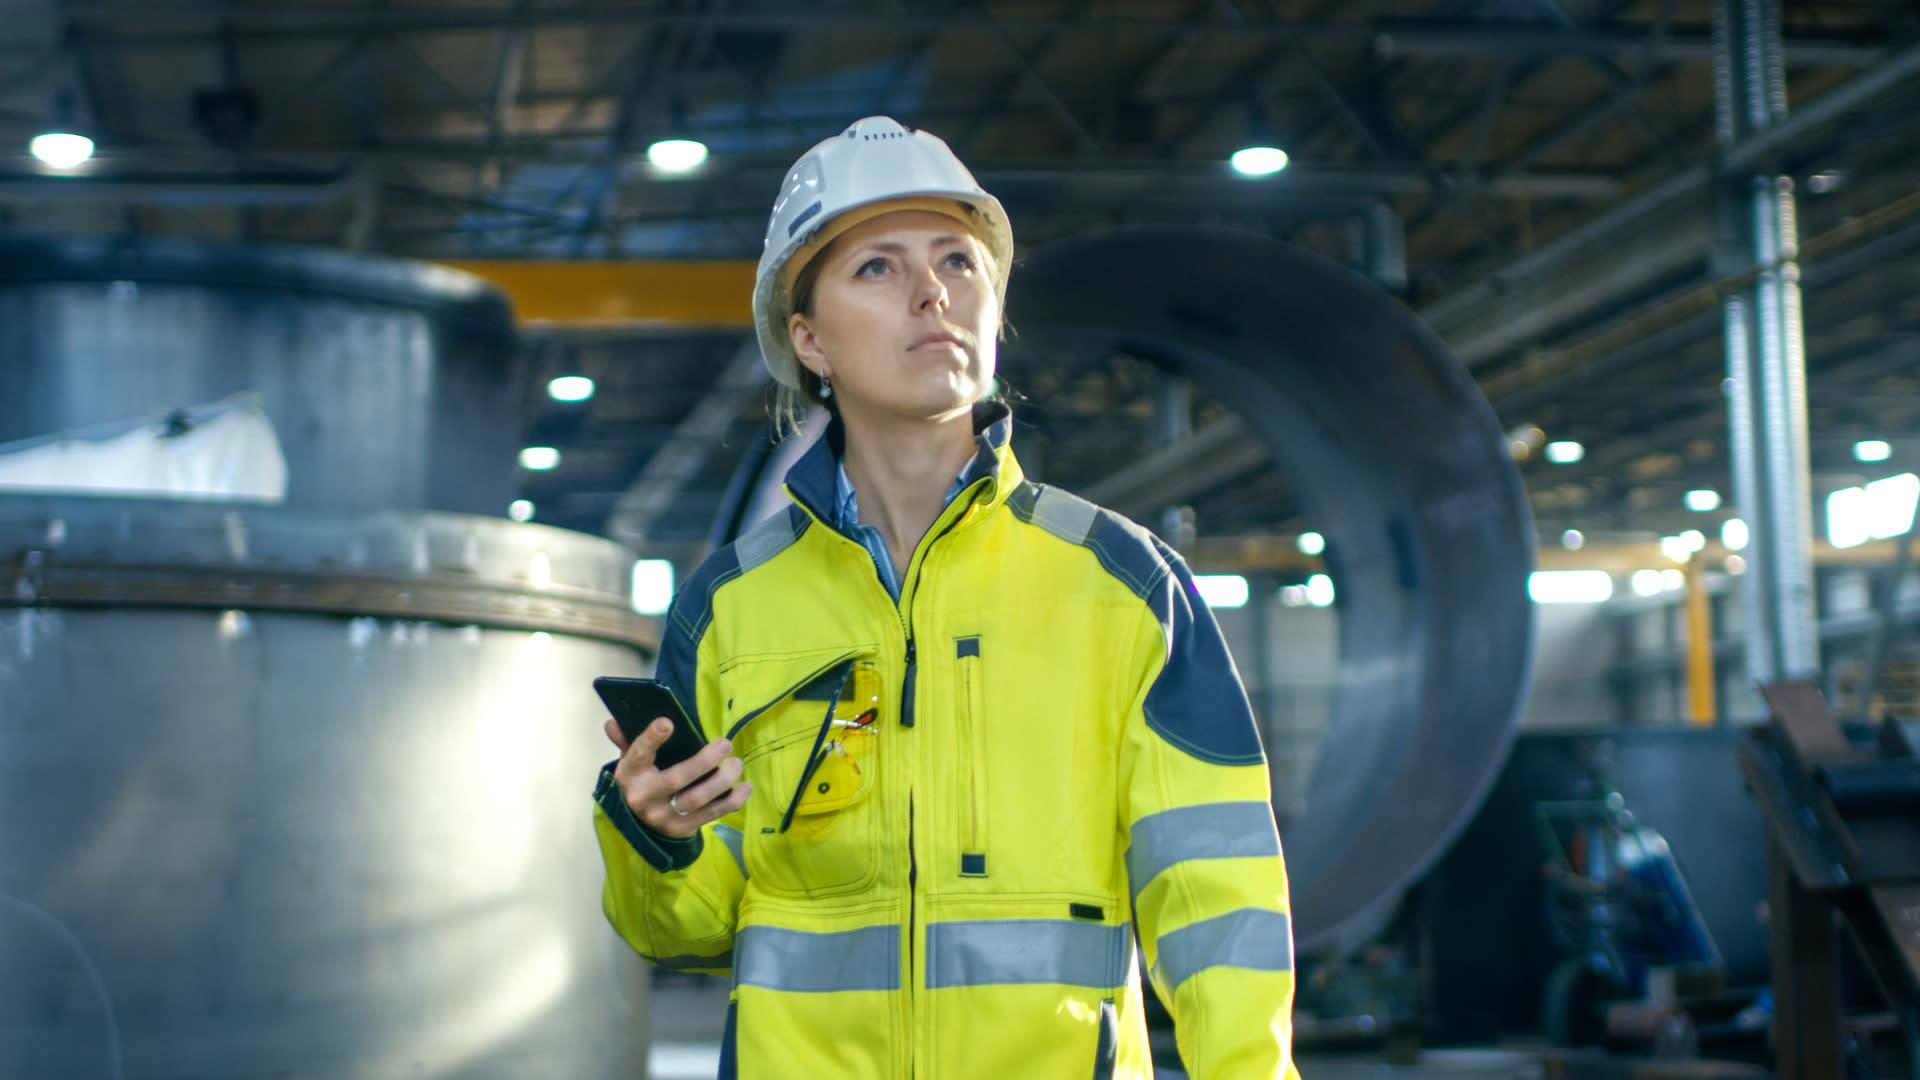 Woman in hard hat in factory